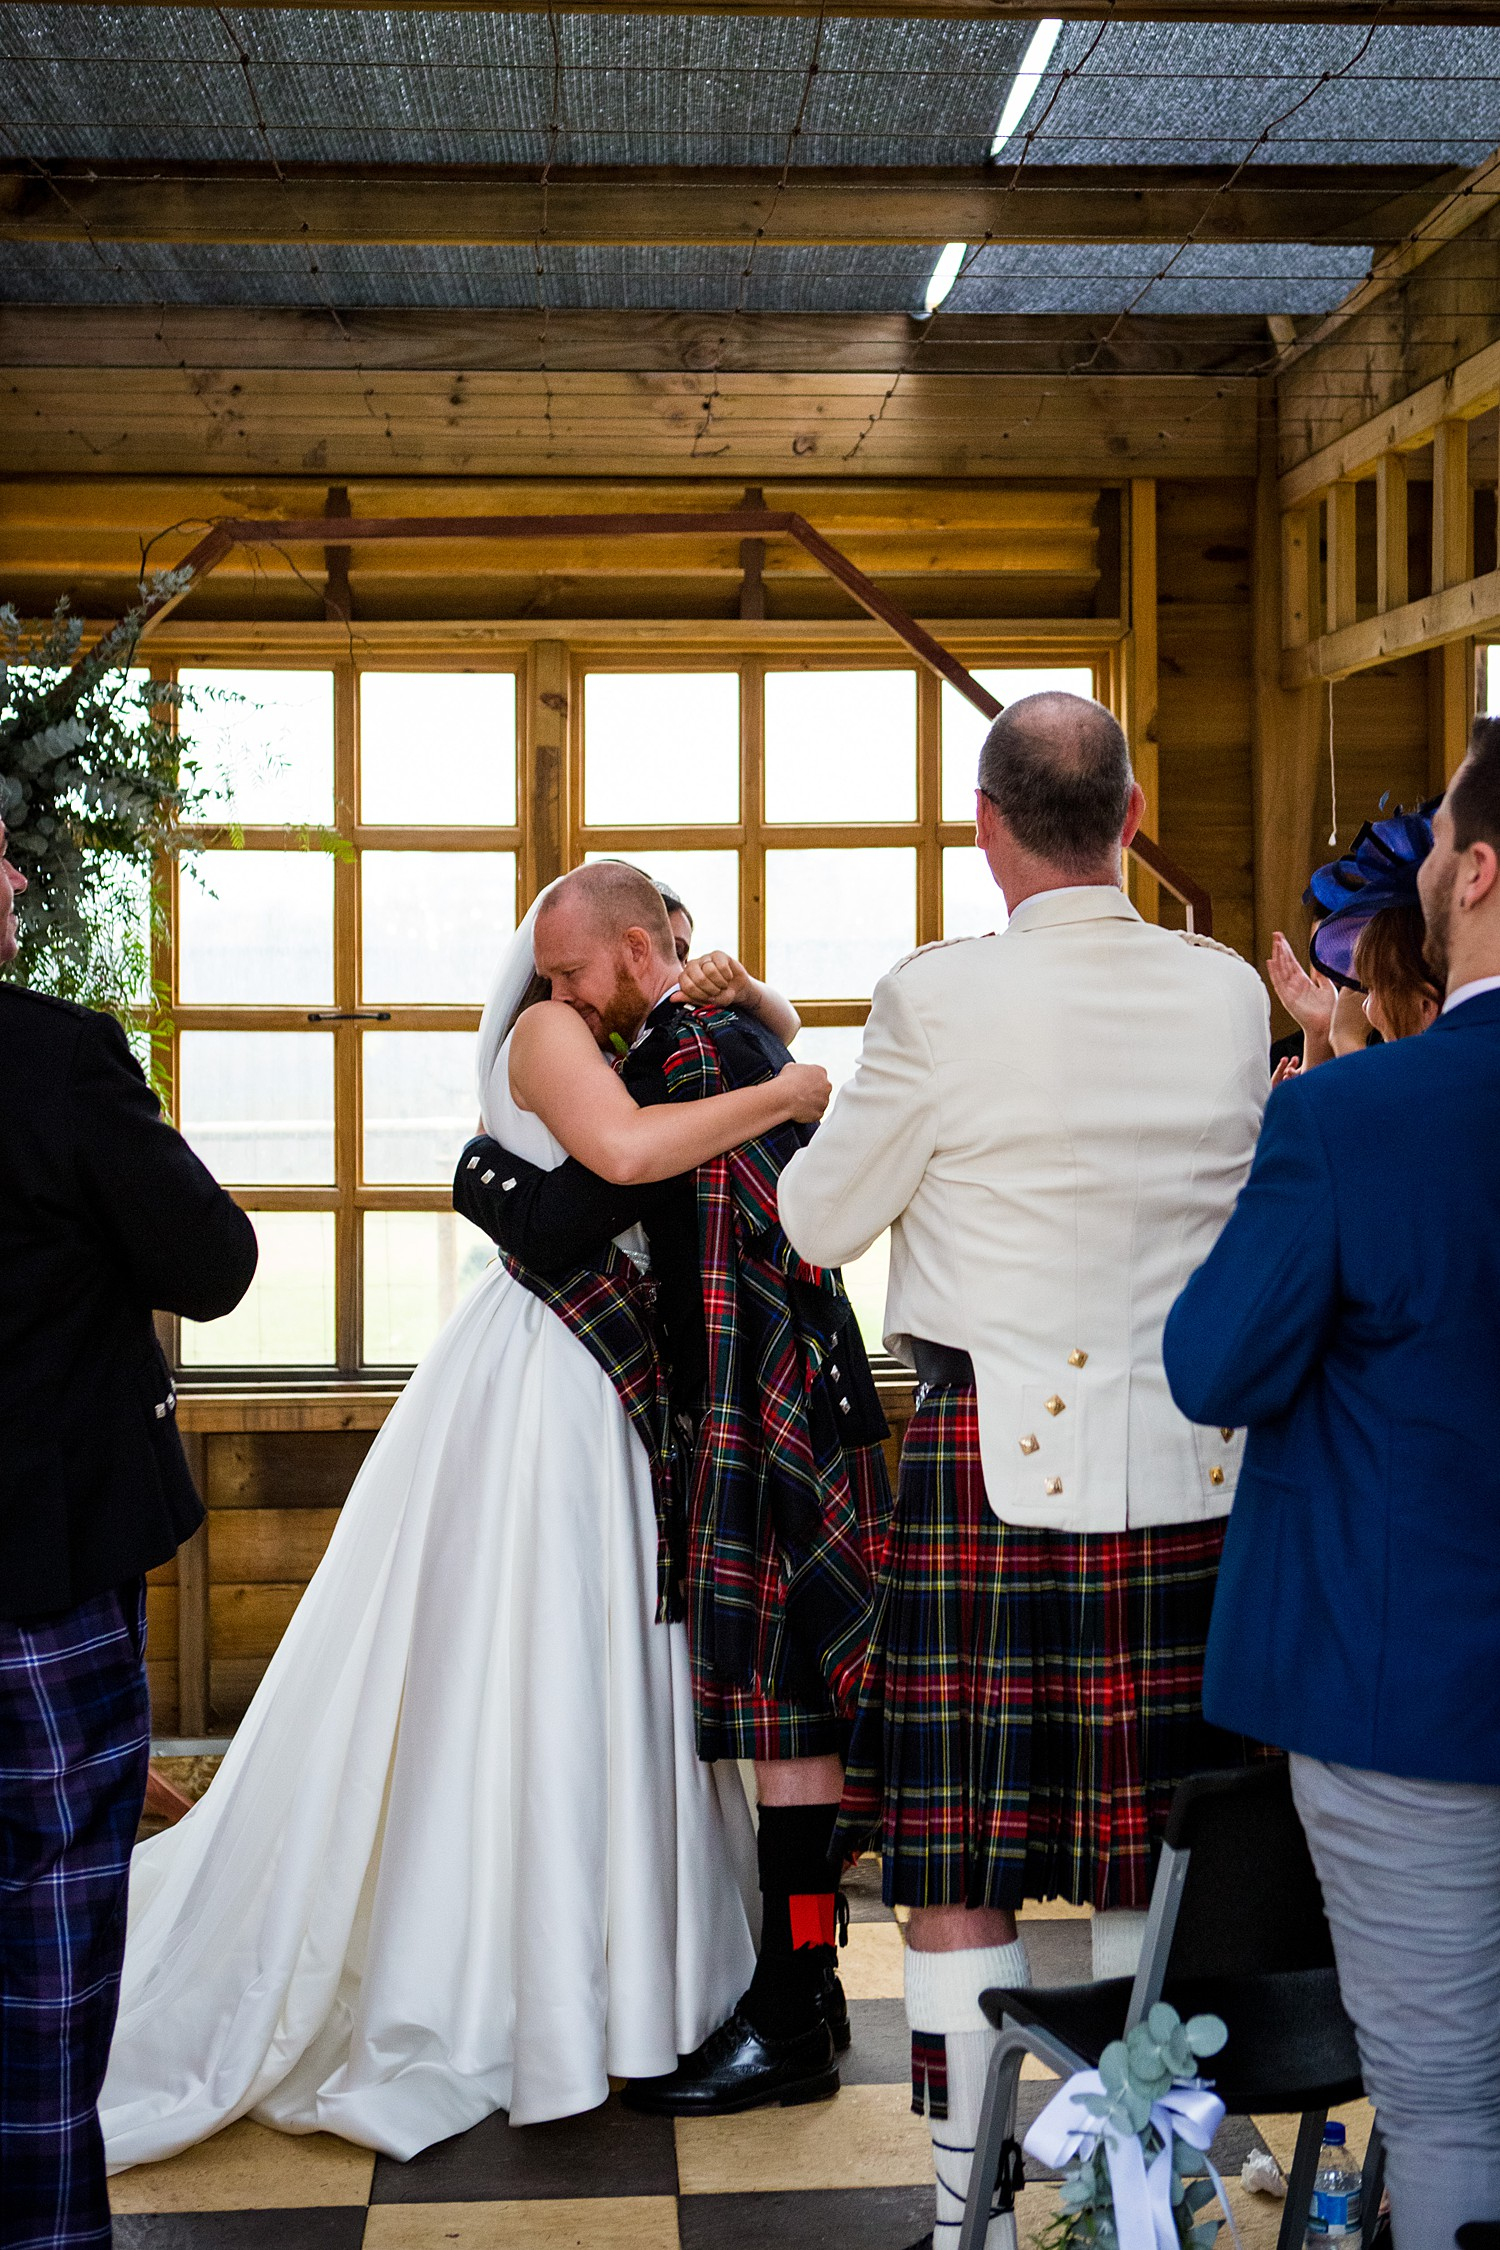 perth_swan_valley_scottish_rainy_wedding_0063.jpg